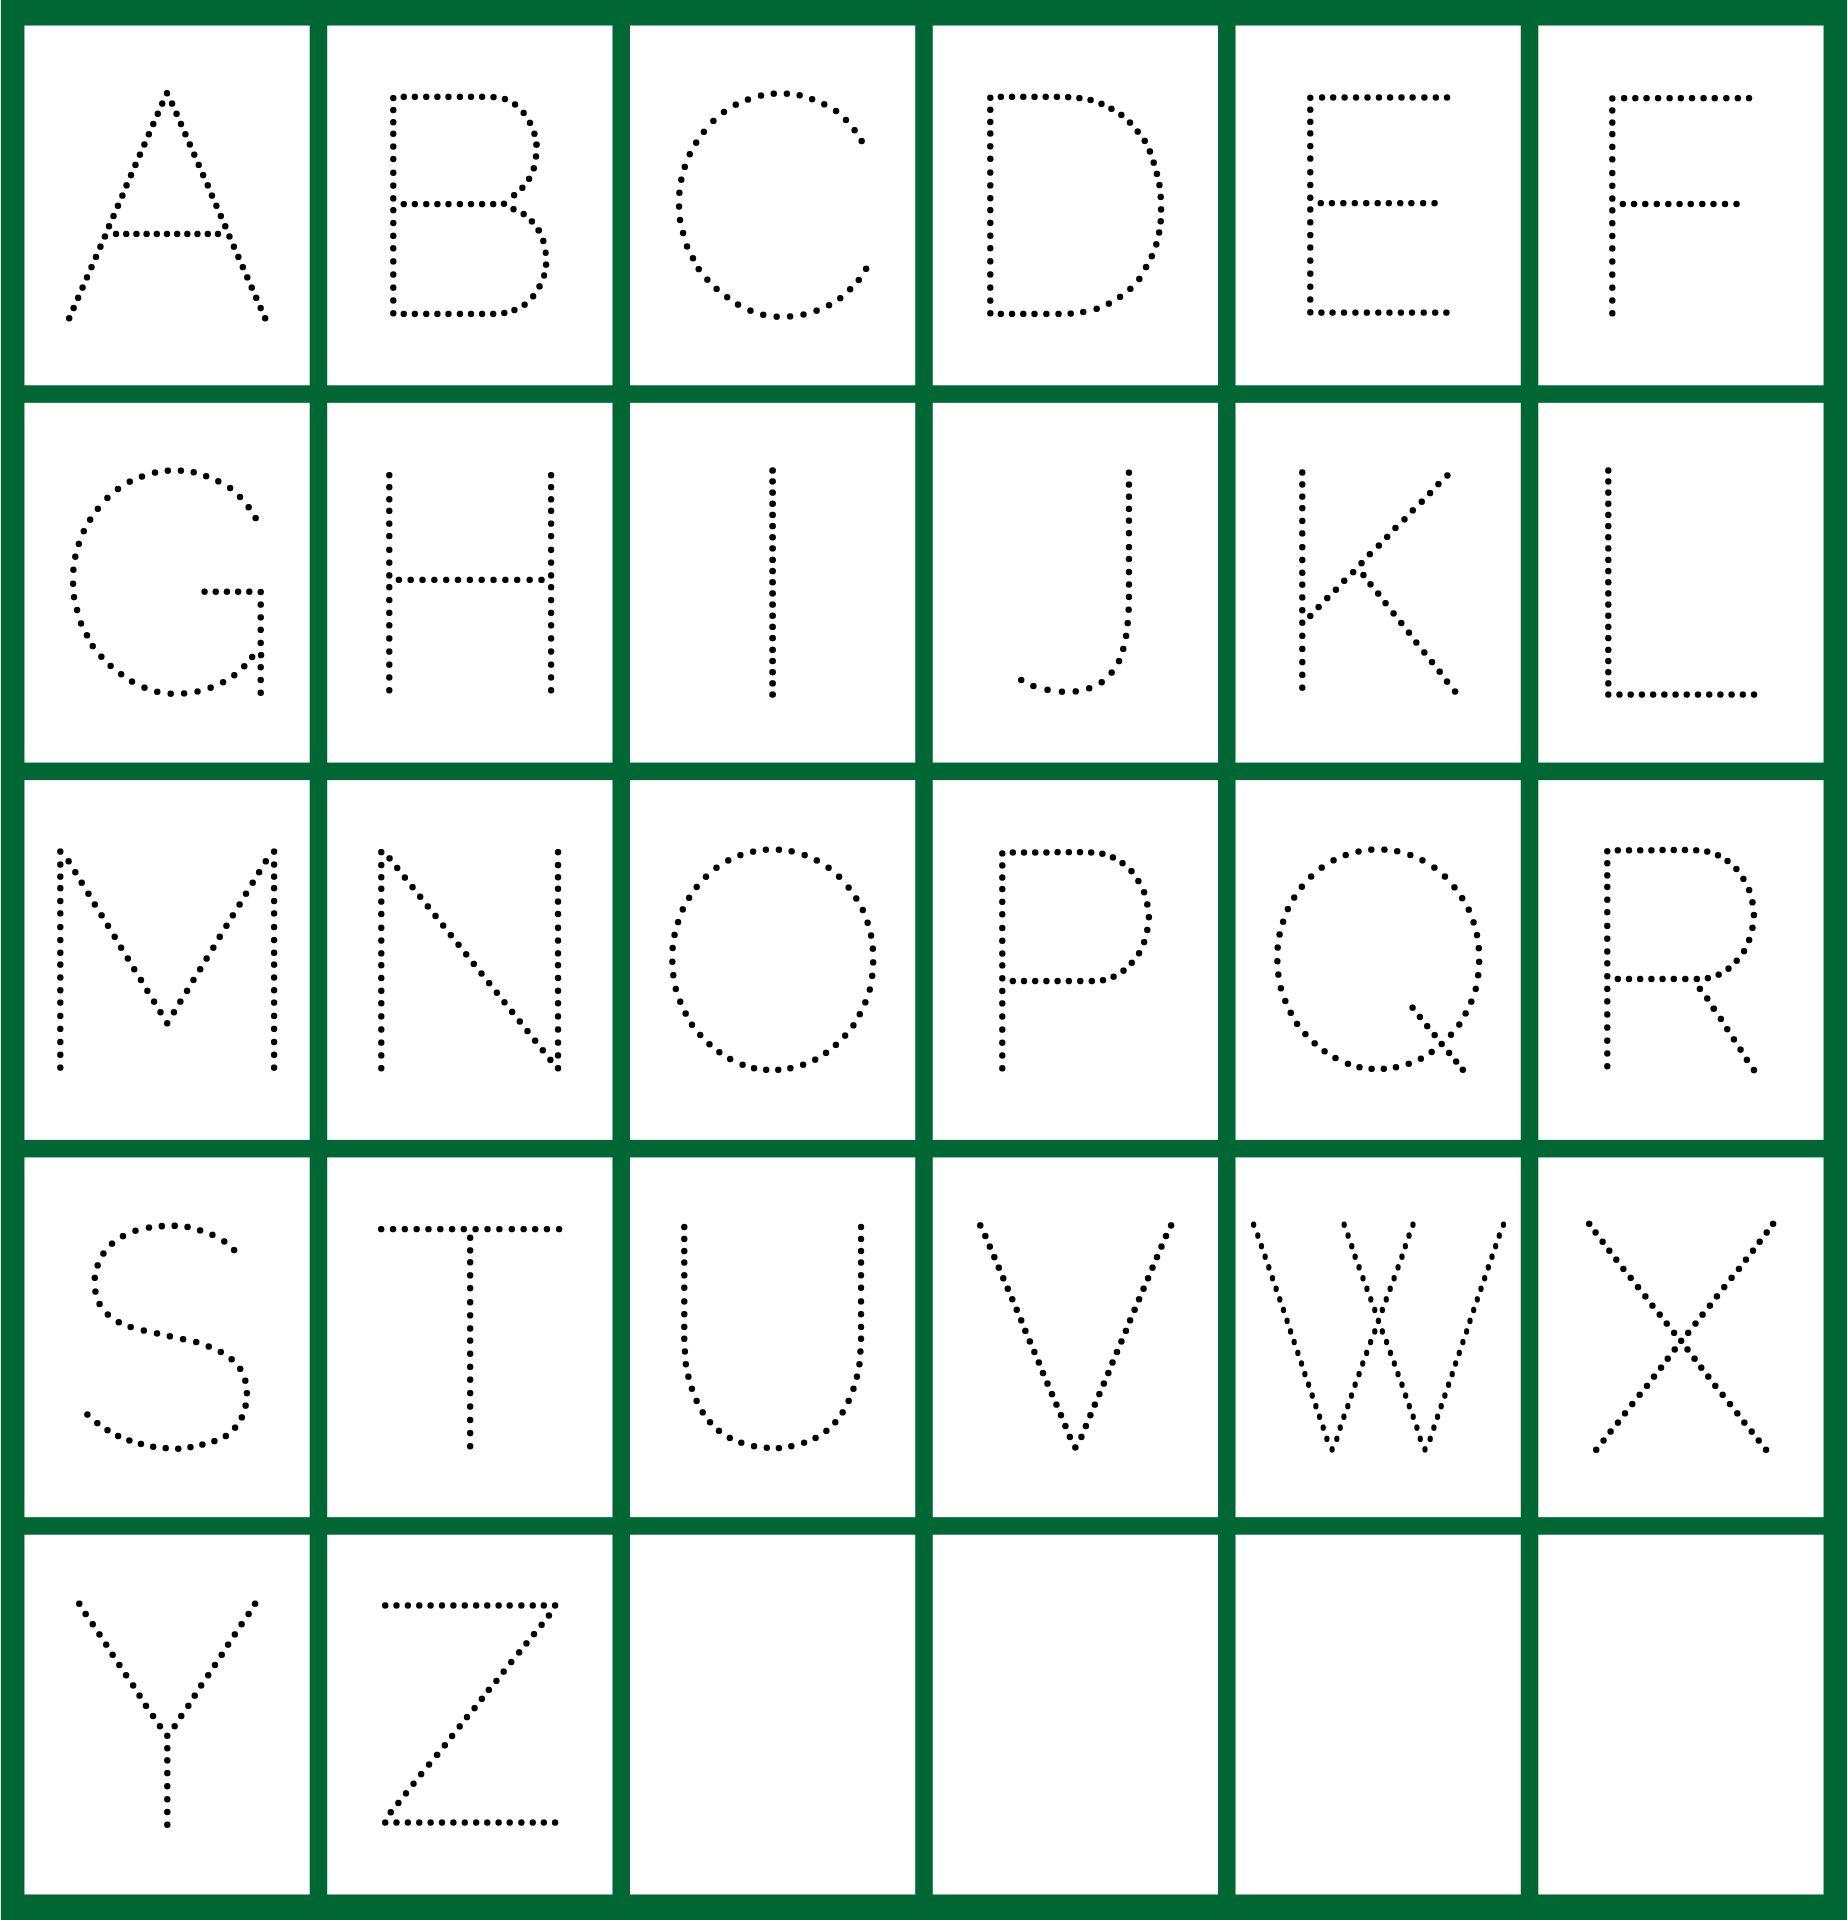 math worksheet : free printable worksheets alphabet tracing  worksheets for kids  : Trace Alphabet Worksheets For Kindergarten